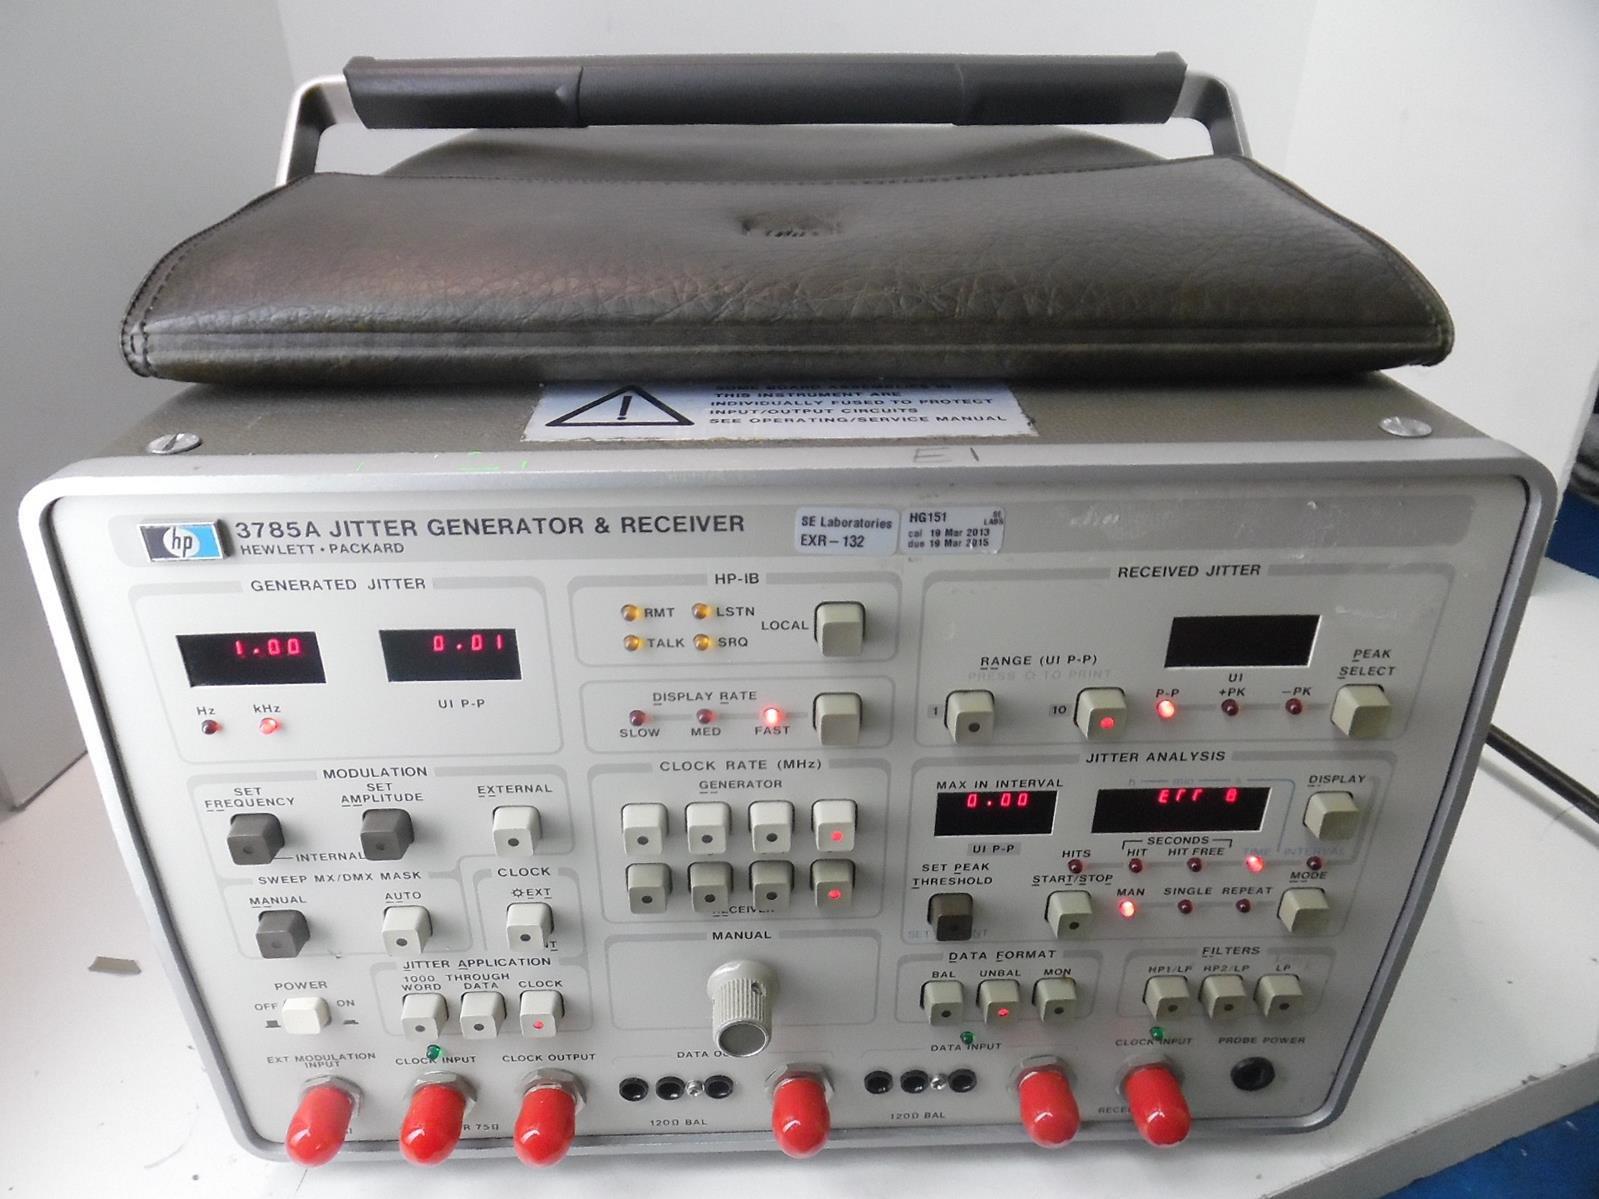 Hewlett Packard 3785A Hp/Agilent Jitter Generator Hewlett Packard Templates For Calendars